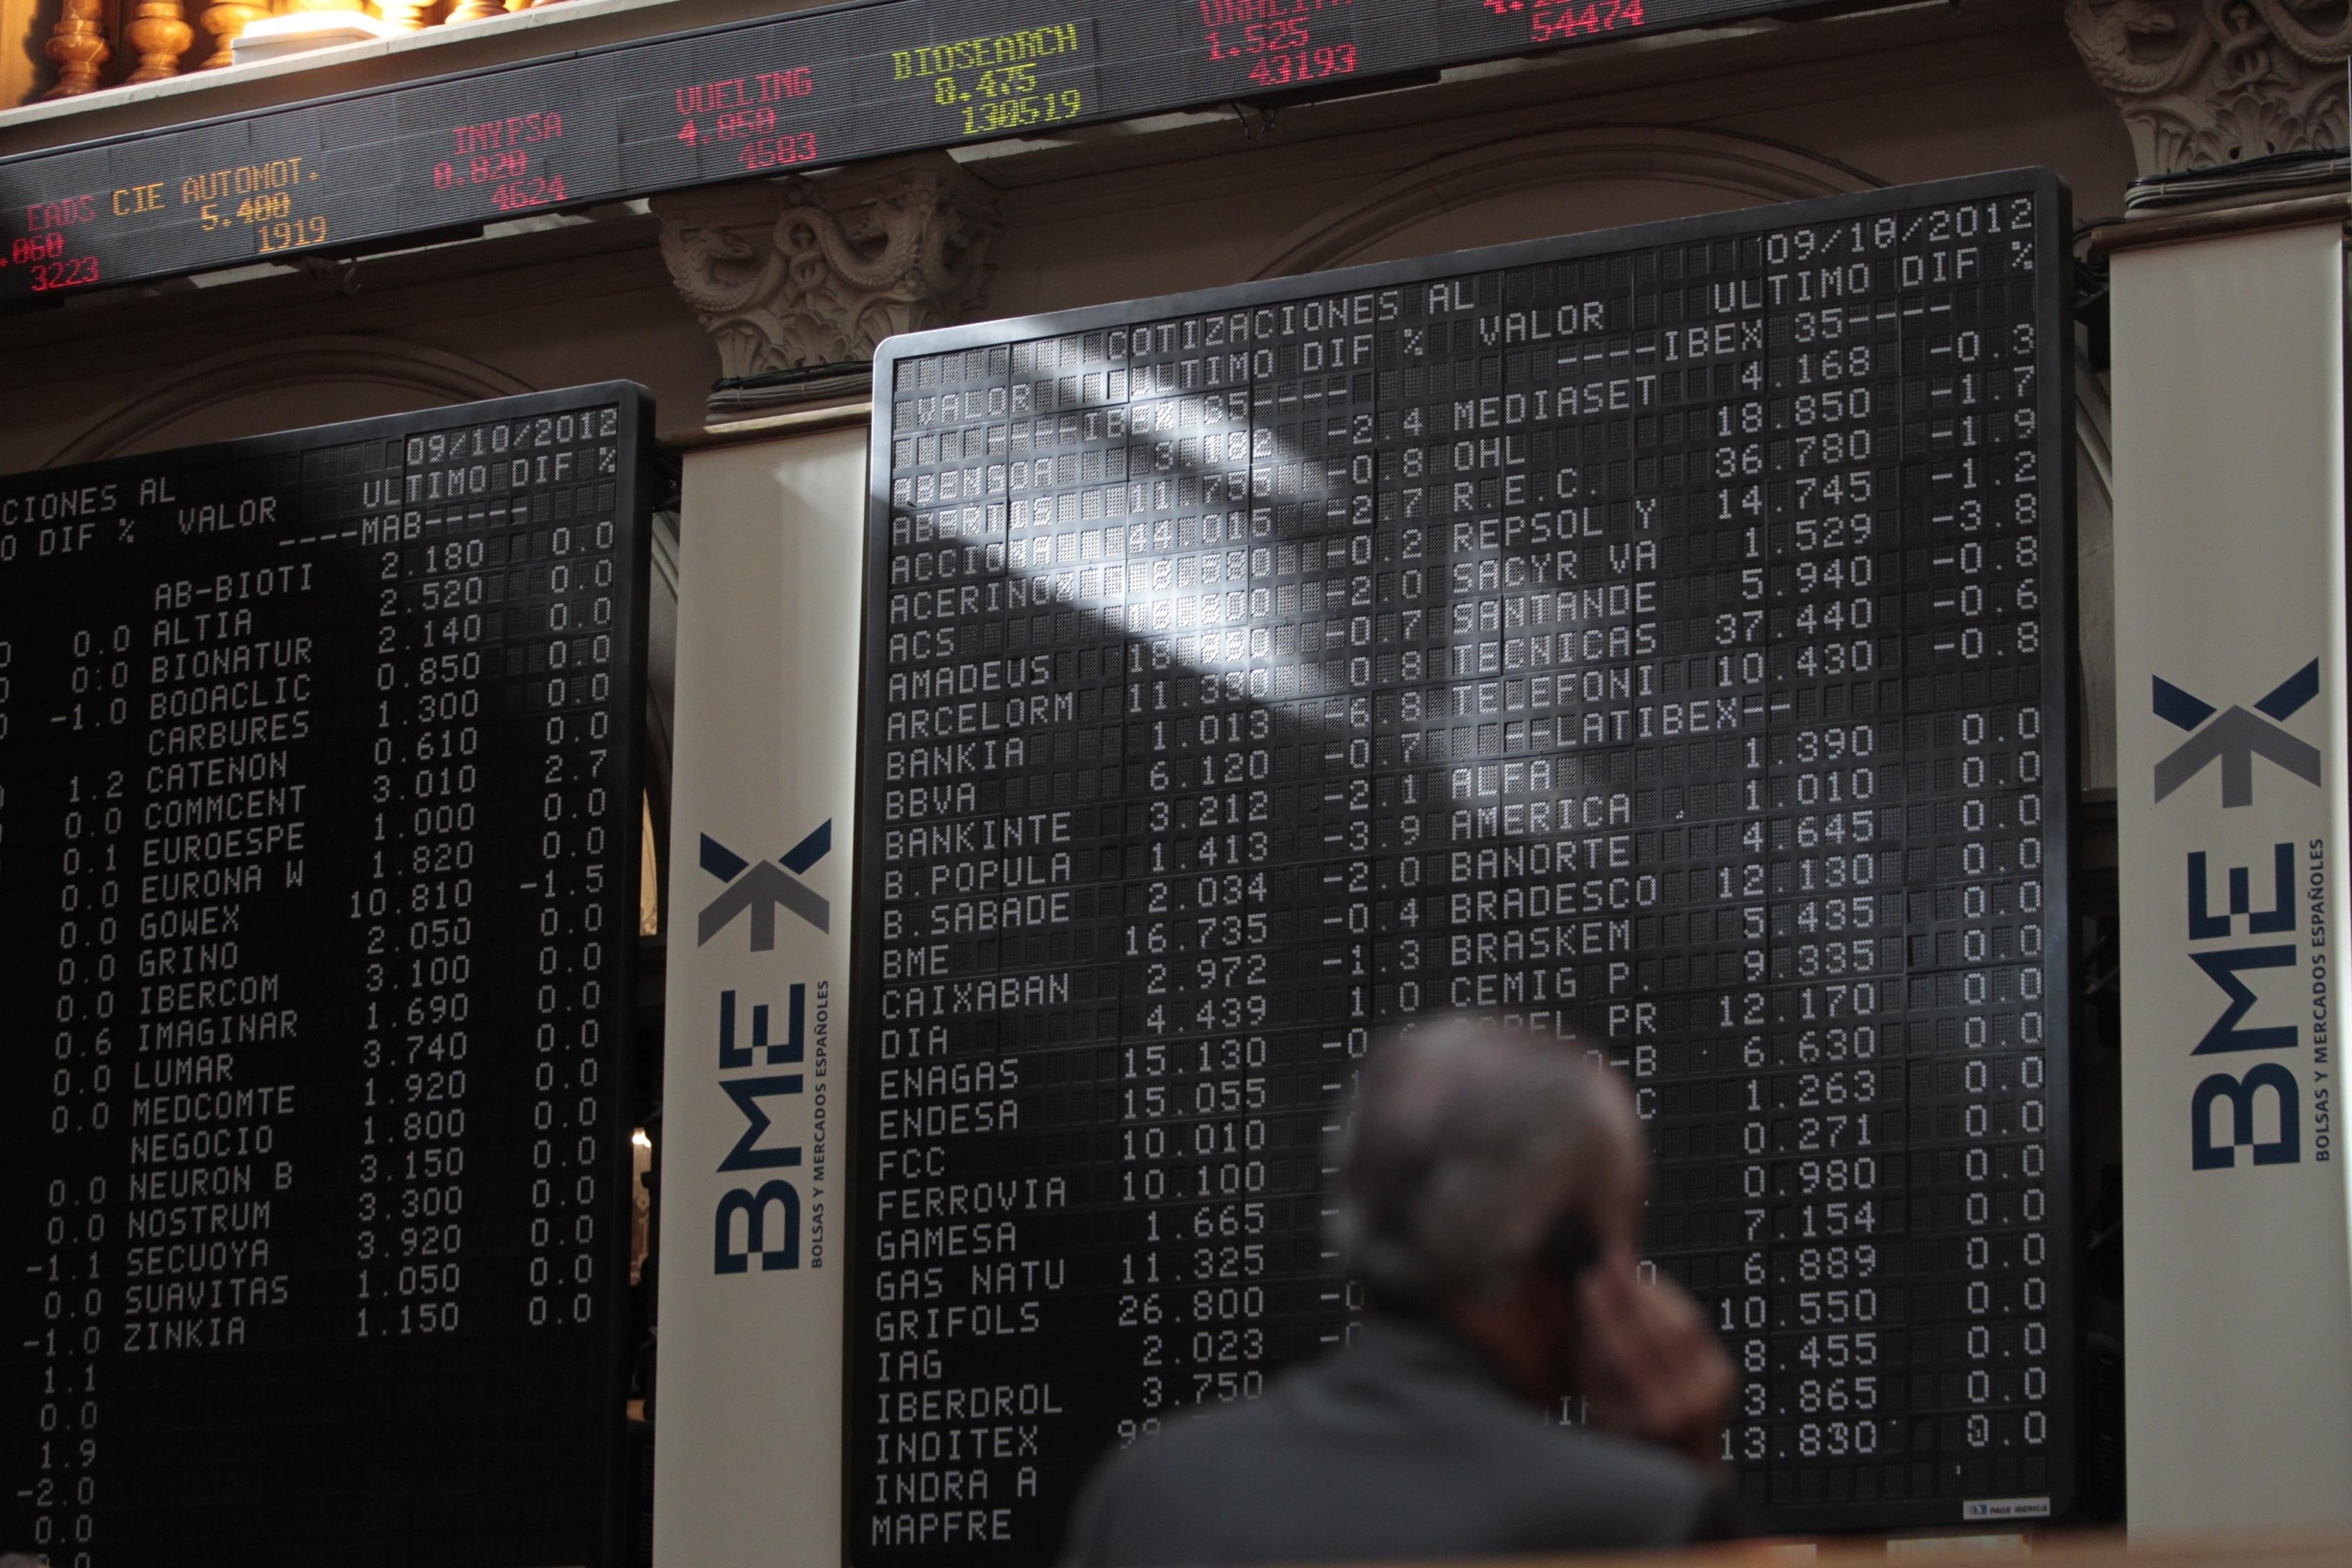 El Ibex se queda a las puertas de los 8.400 enteros tras la apertura al alza de Wall Street